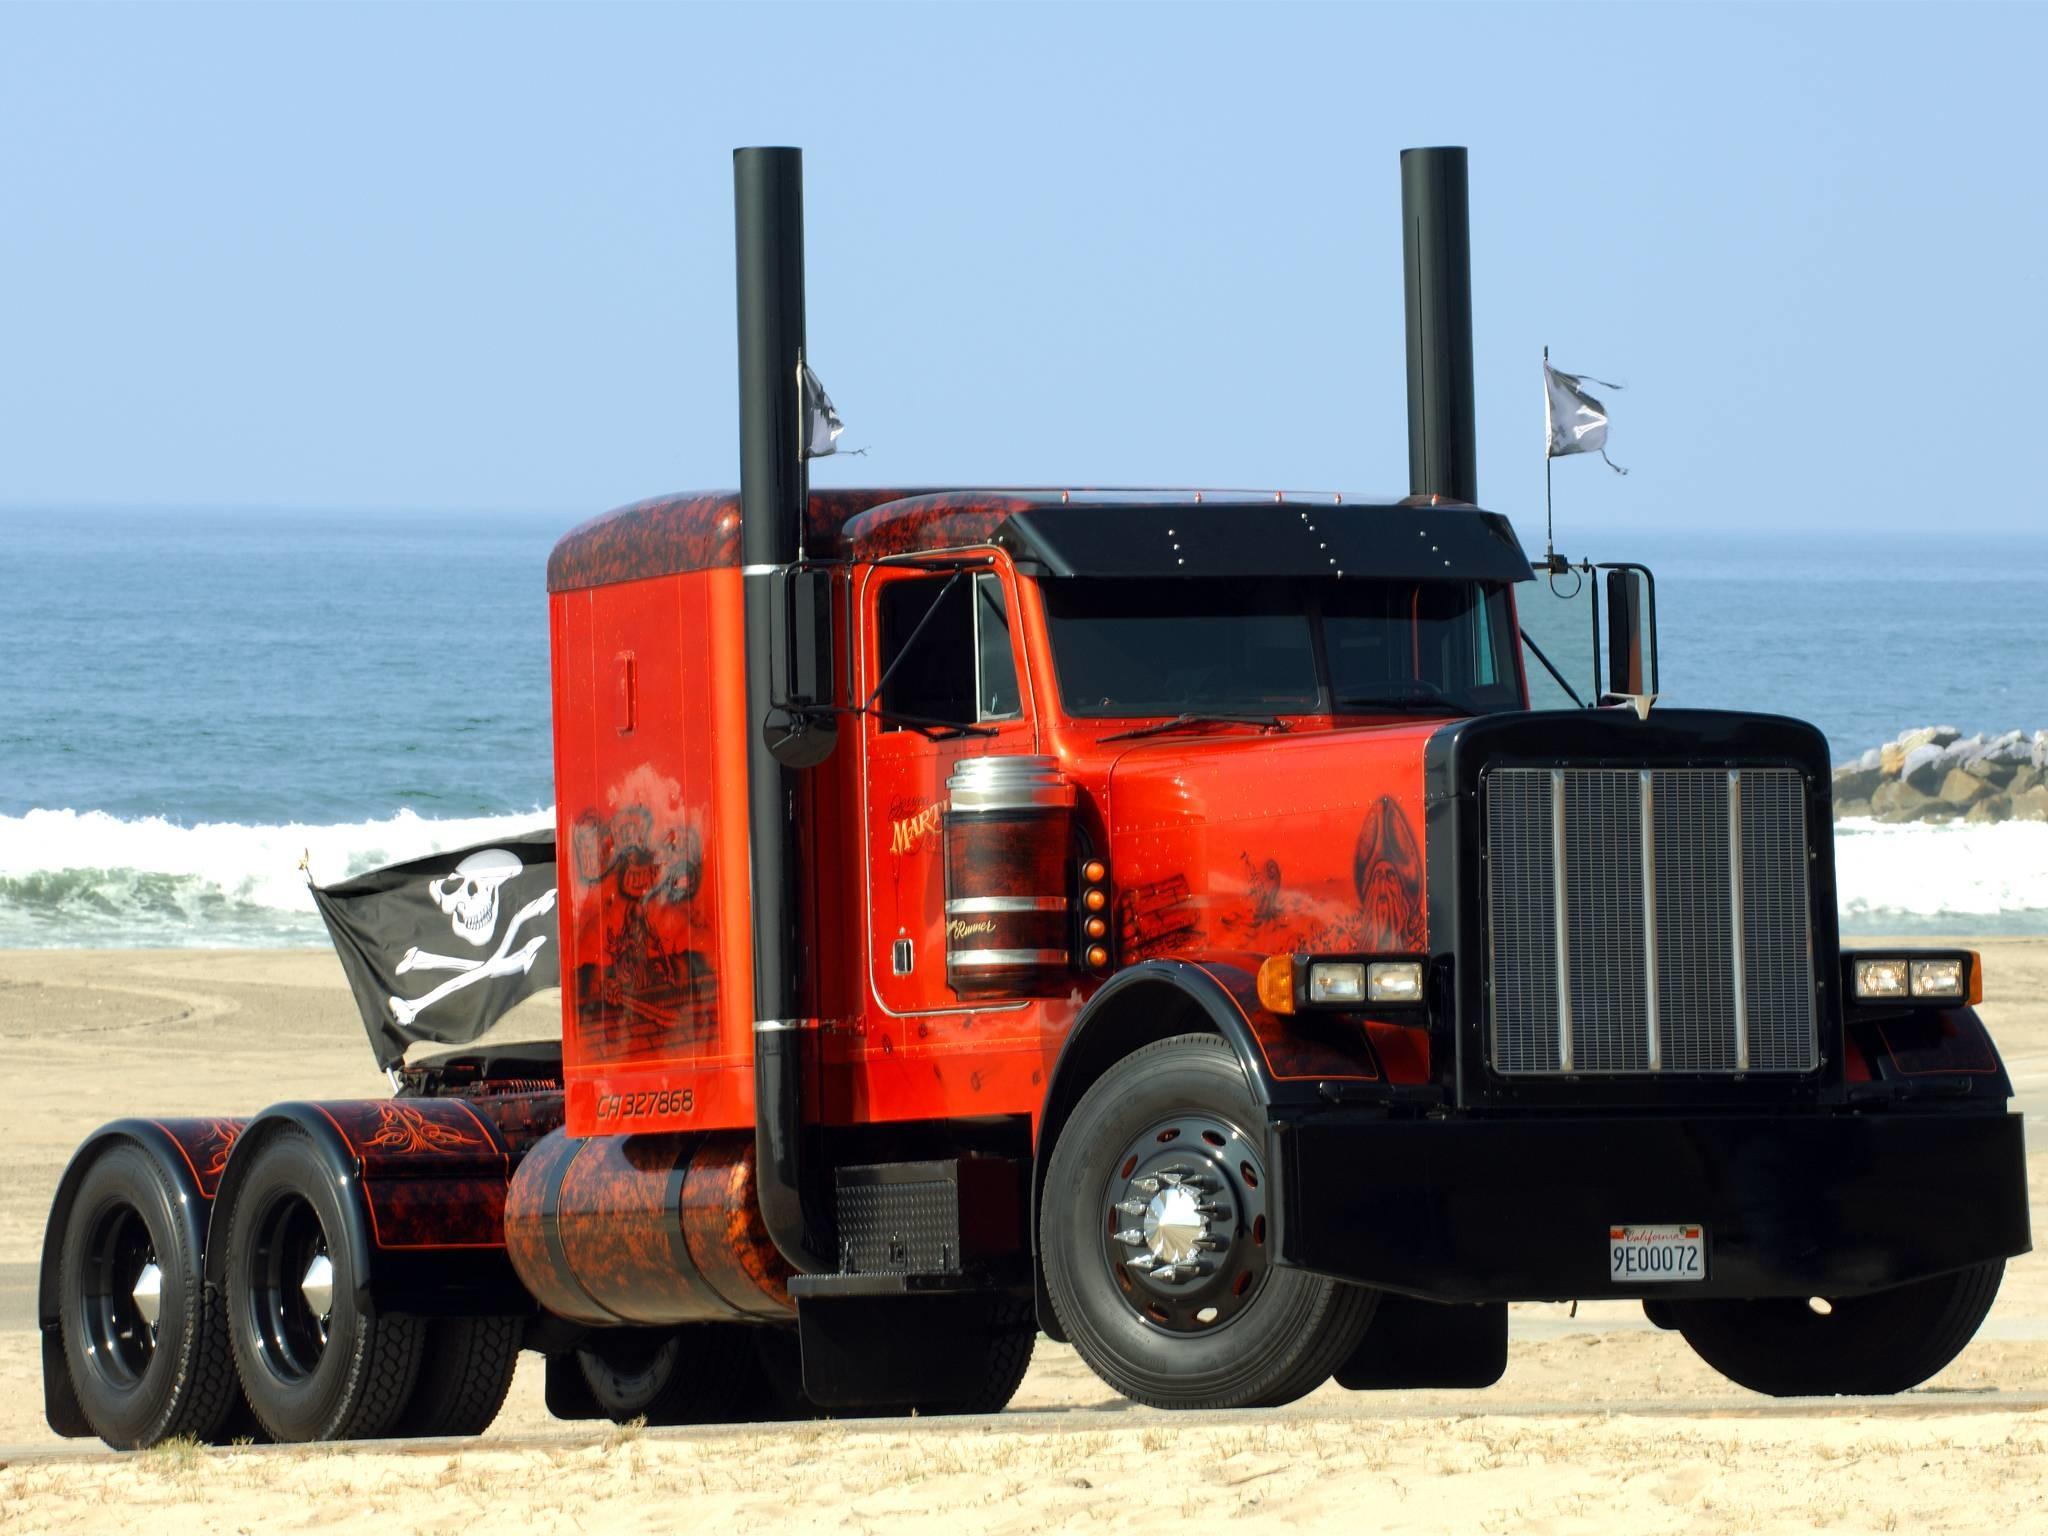 Big Truck Wallpaper